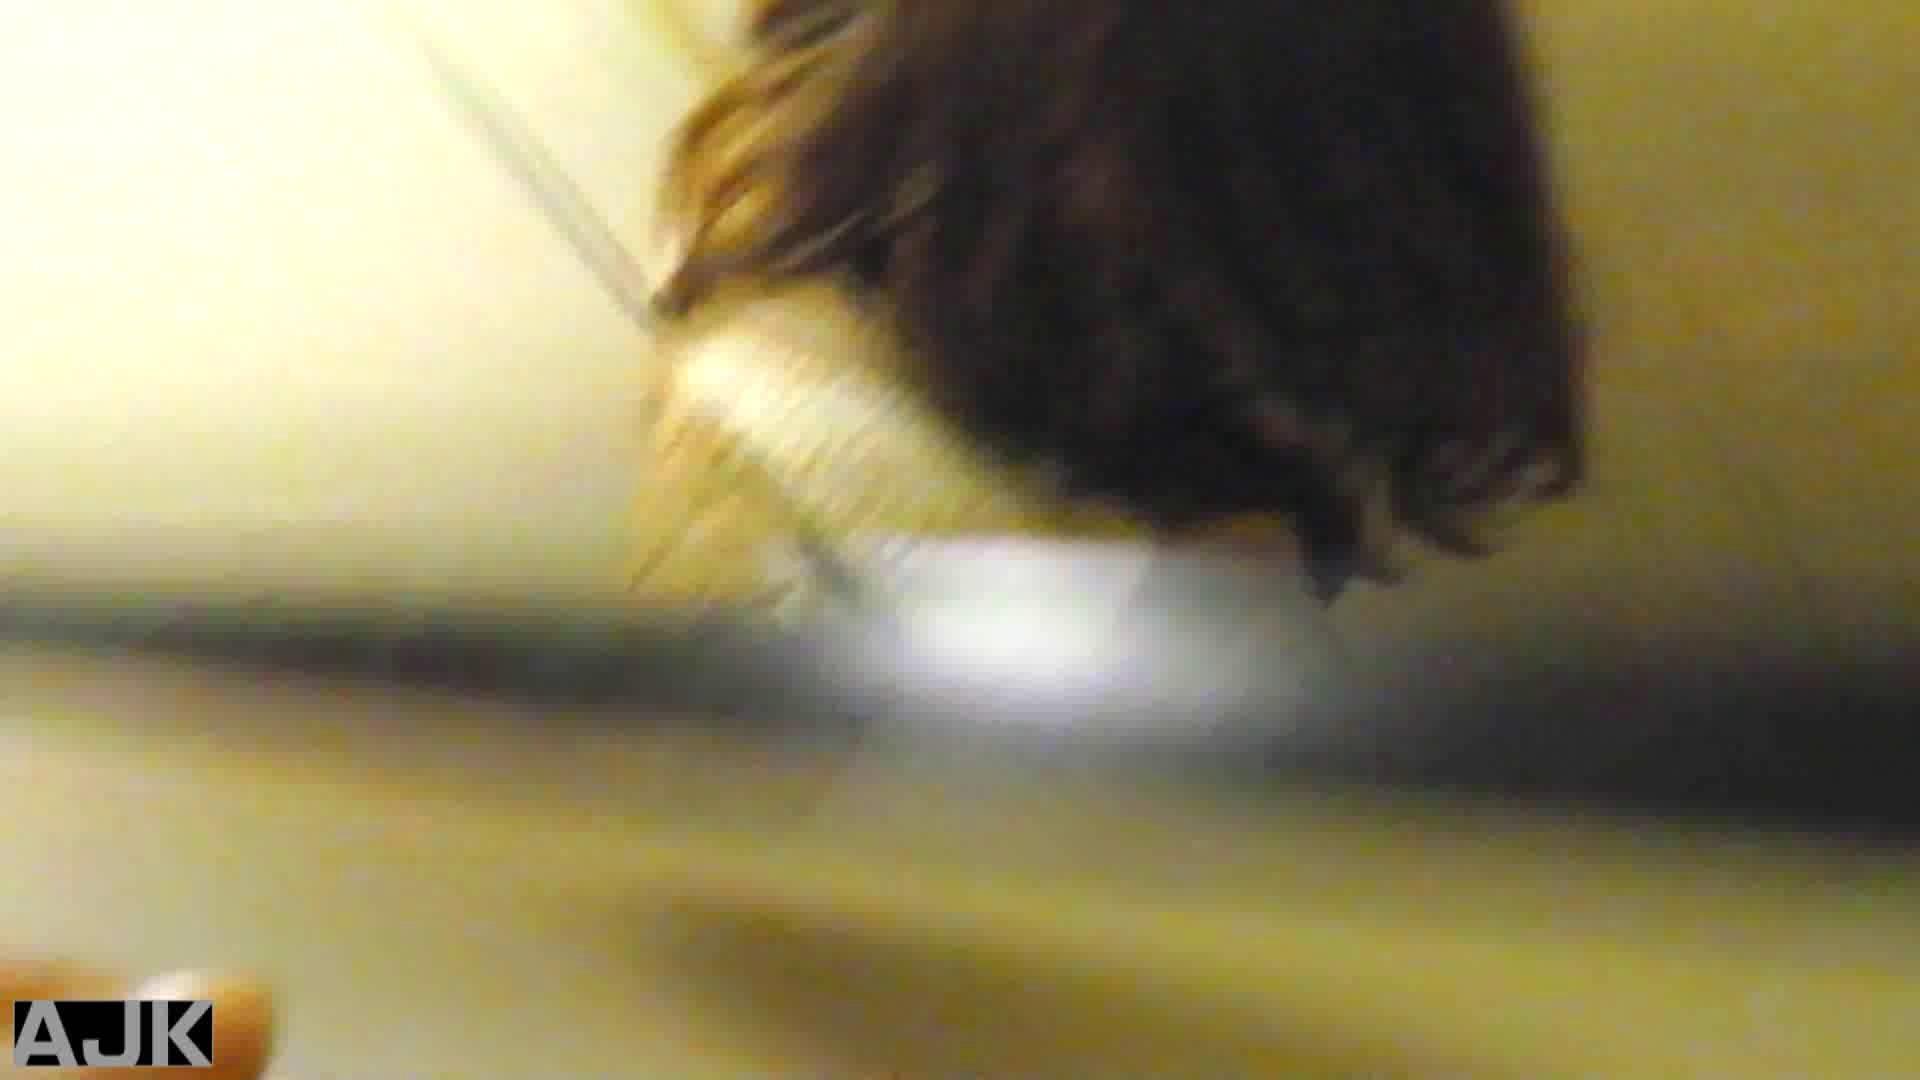 隣国上階級エリアの令嬢たちが集うデパートお手洗い Vol.02 お手洗い | OL  51連発 29